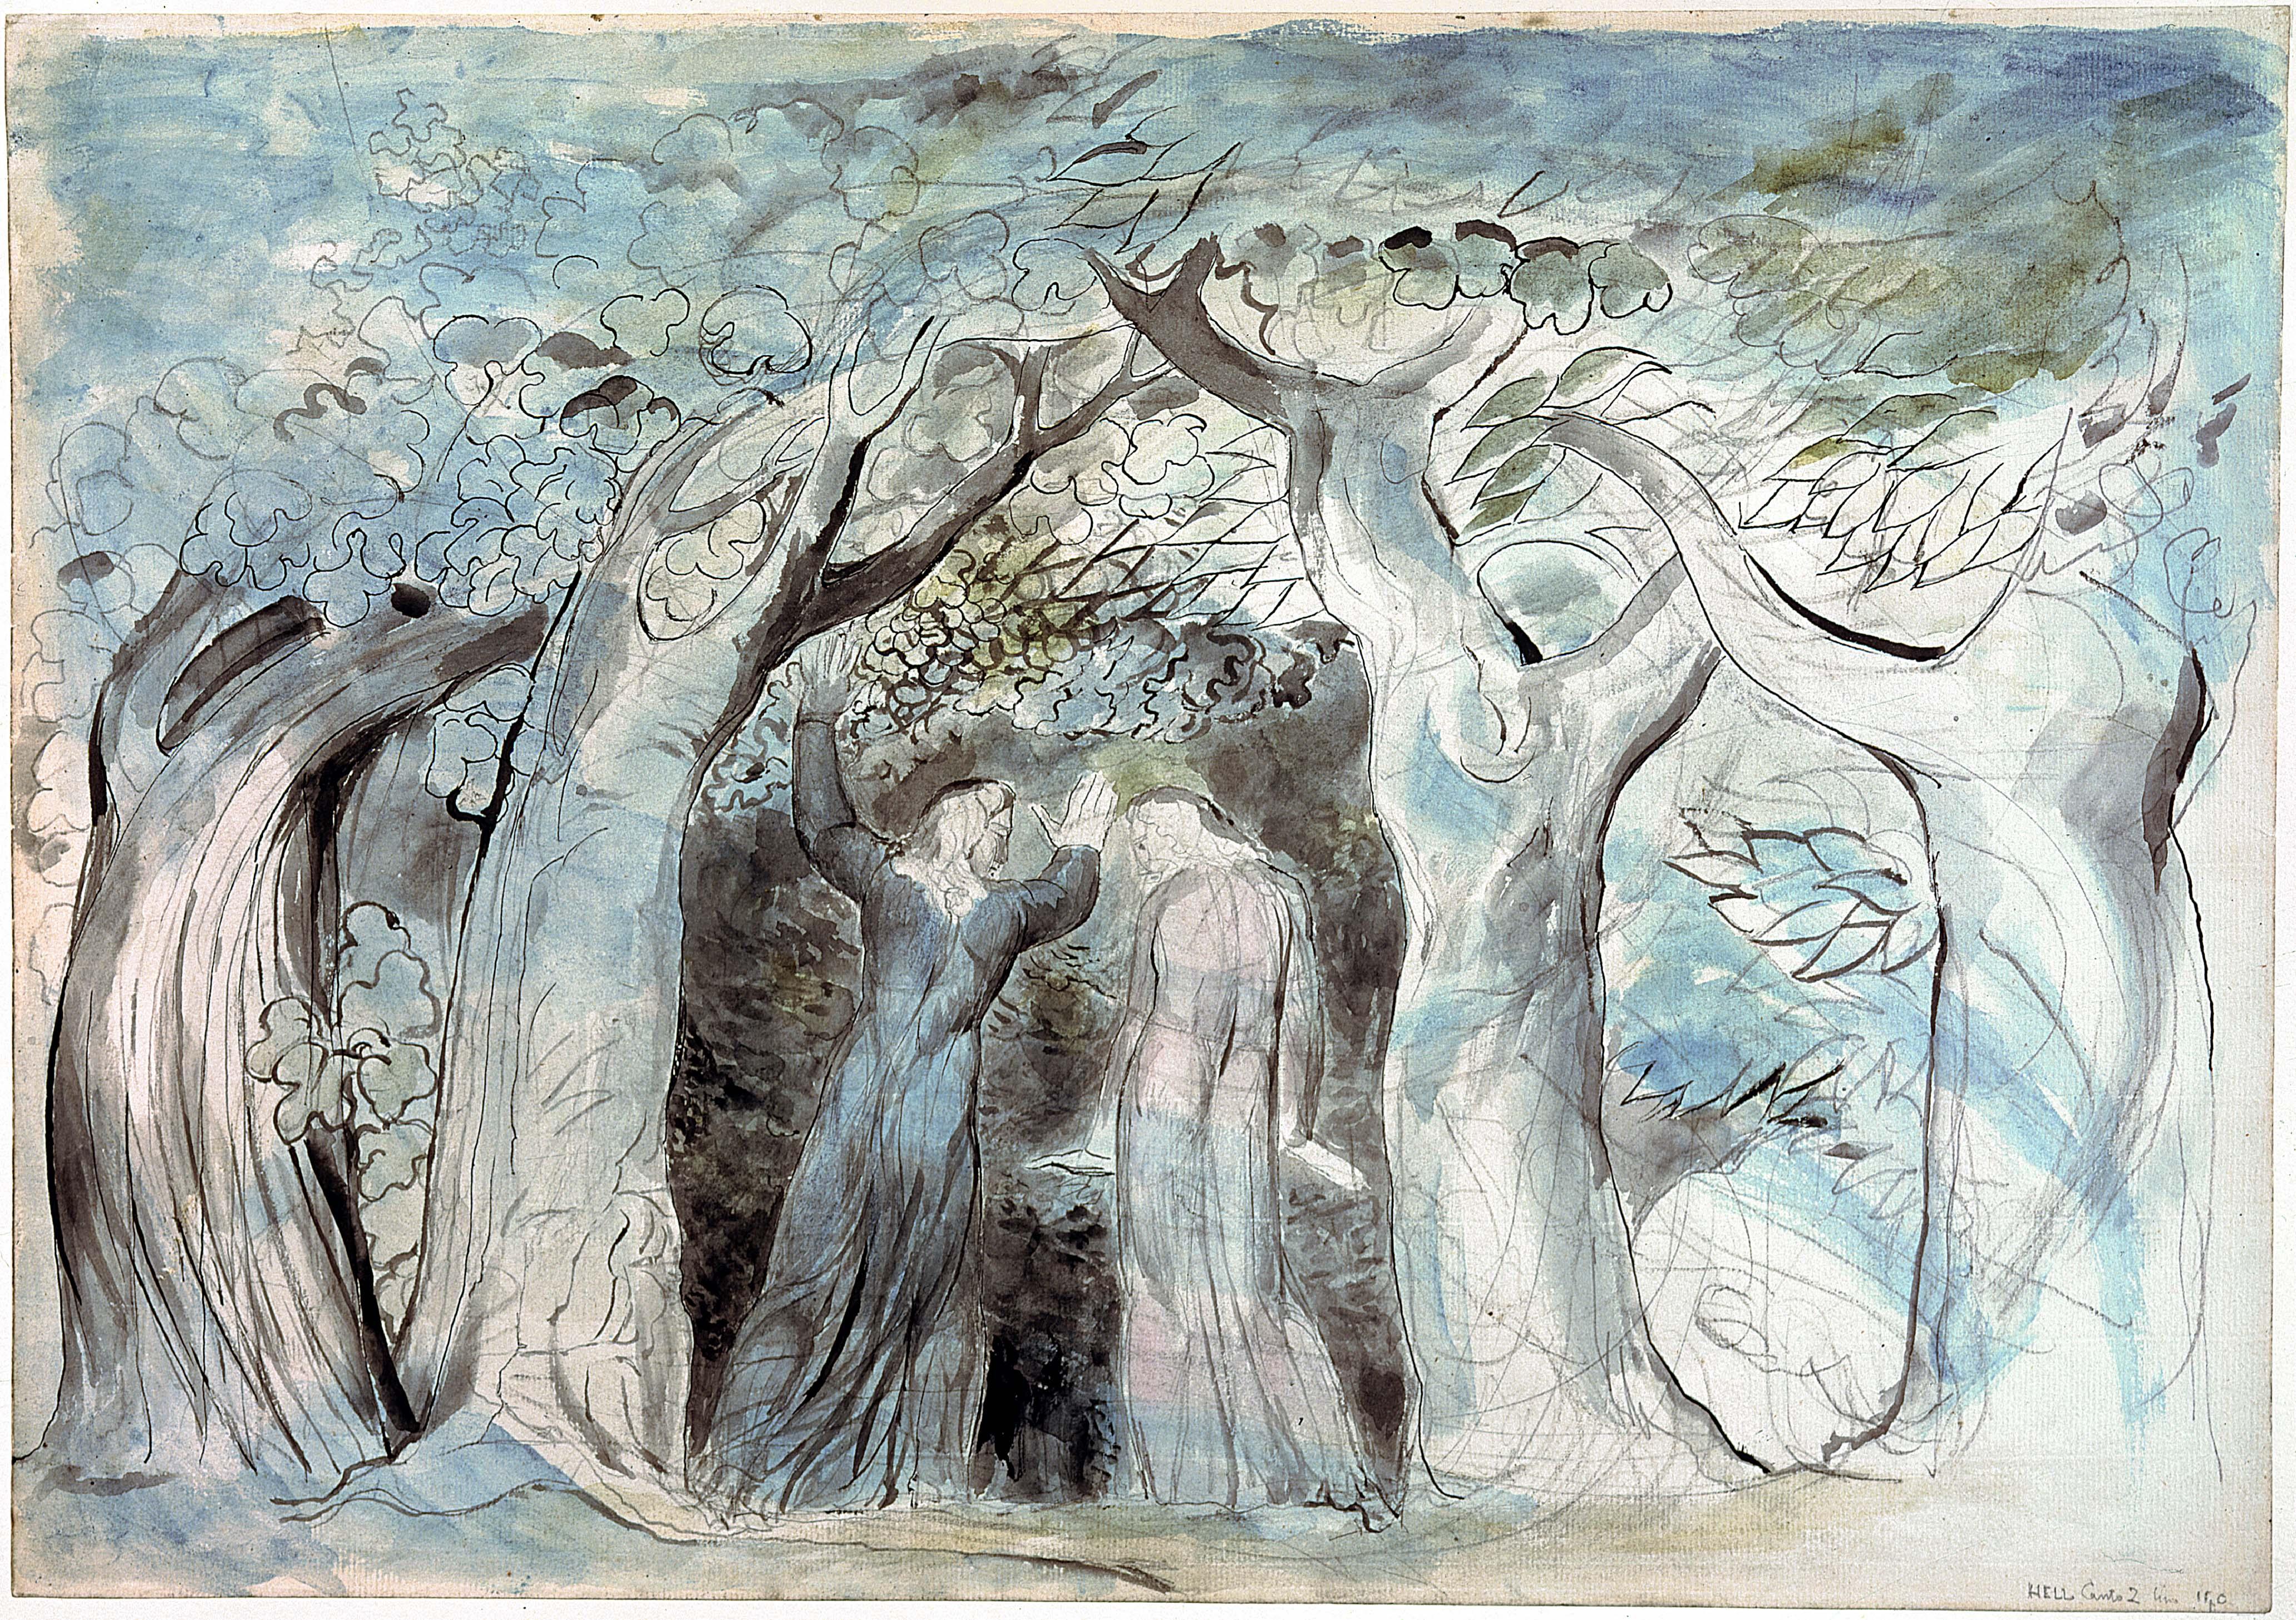 """La selva de los suicidas (imagen del """"Infierno"""" de Dante por William Blake)"""